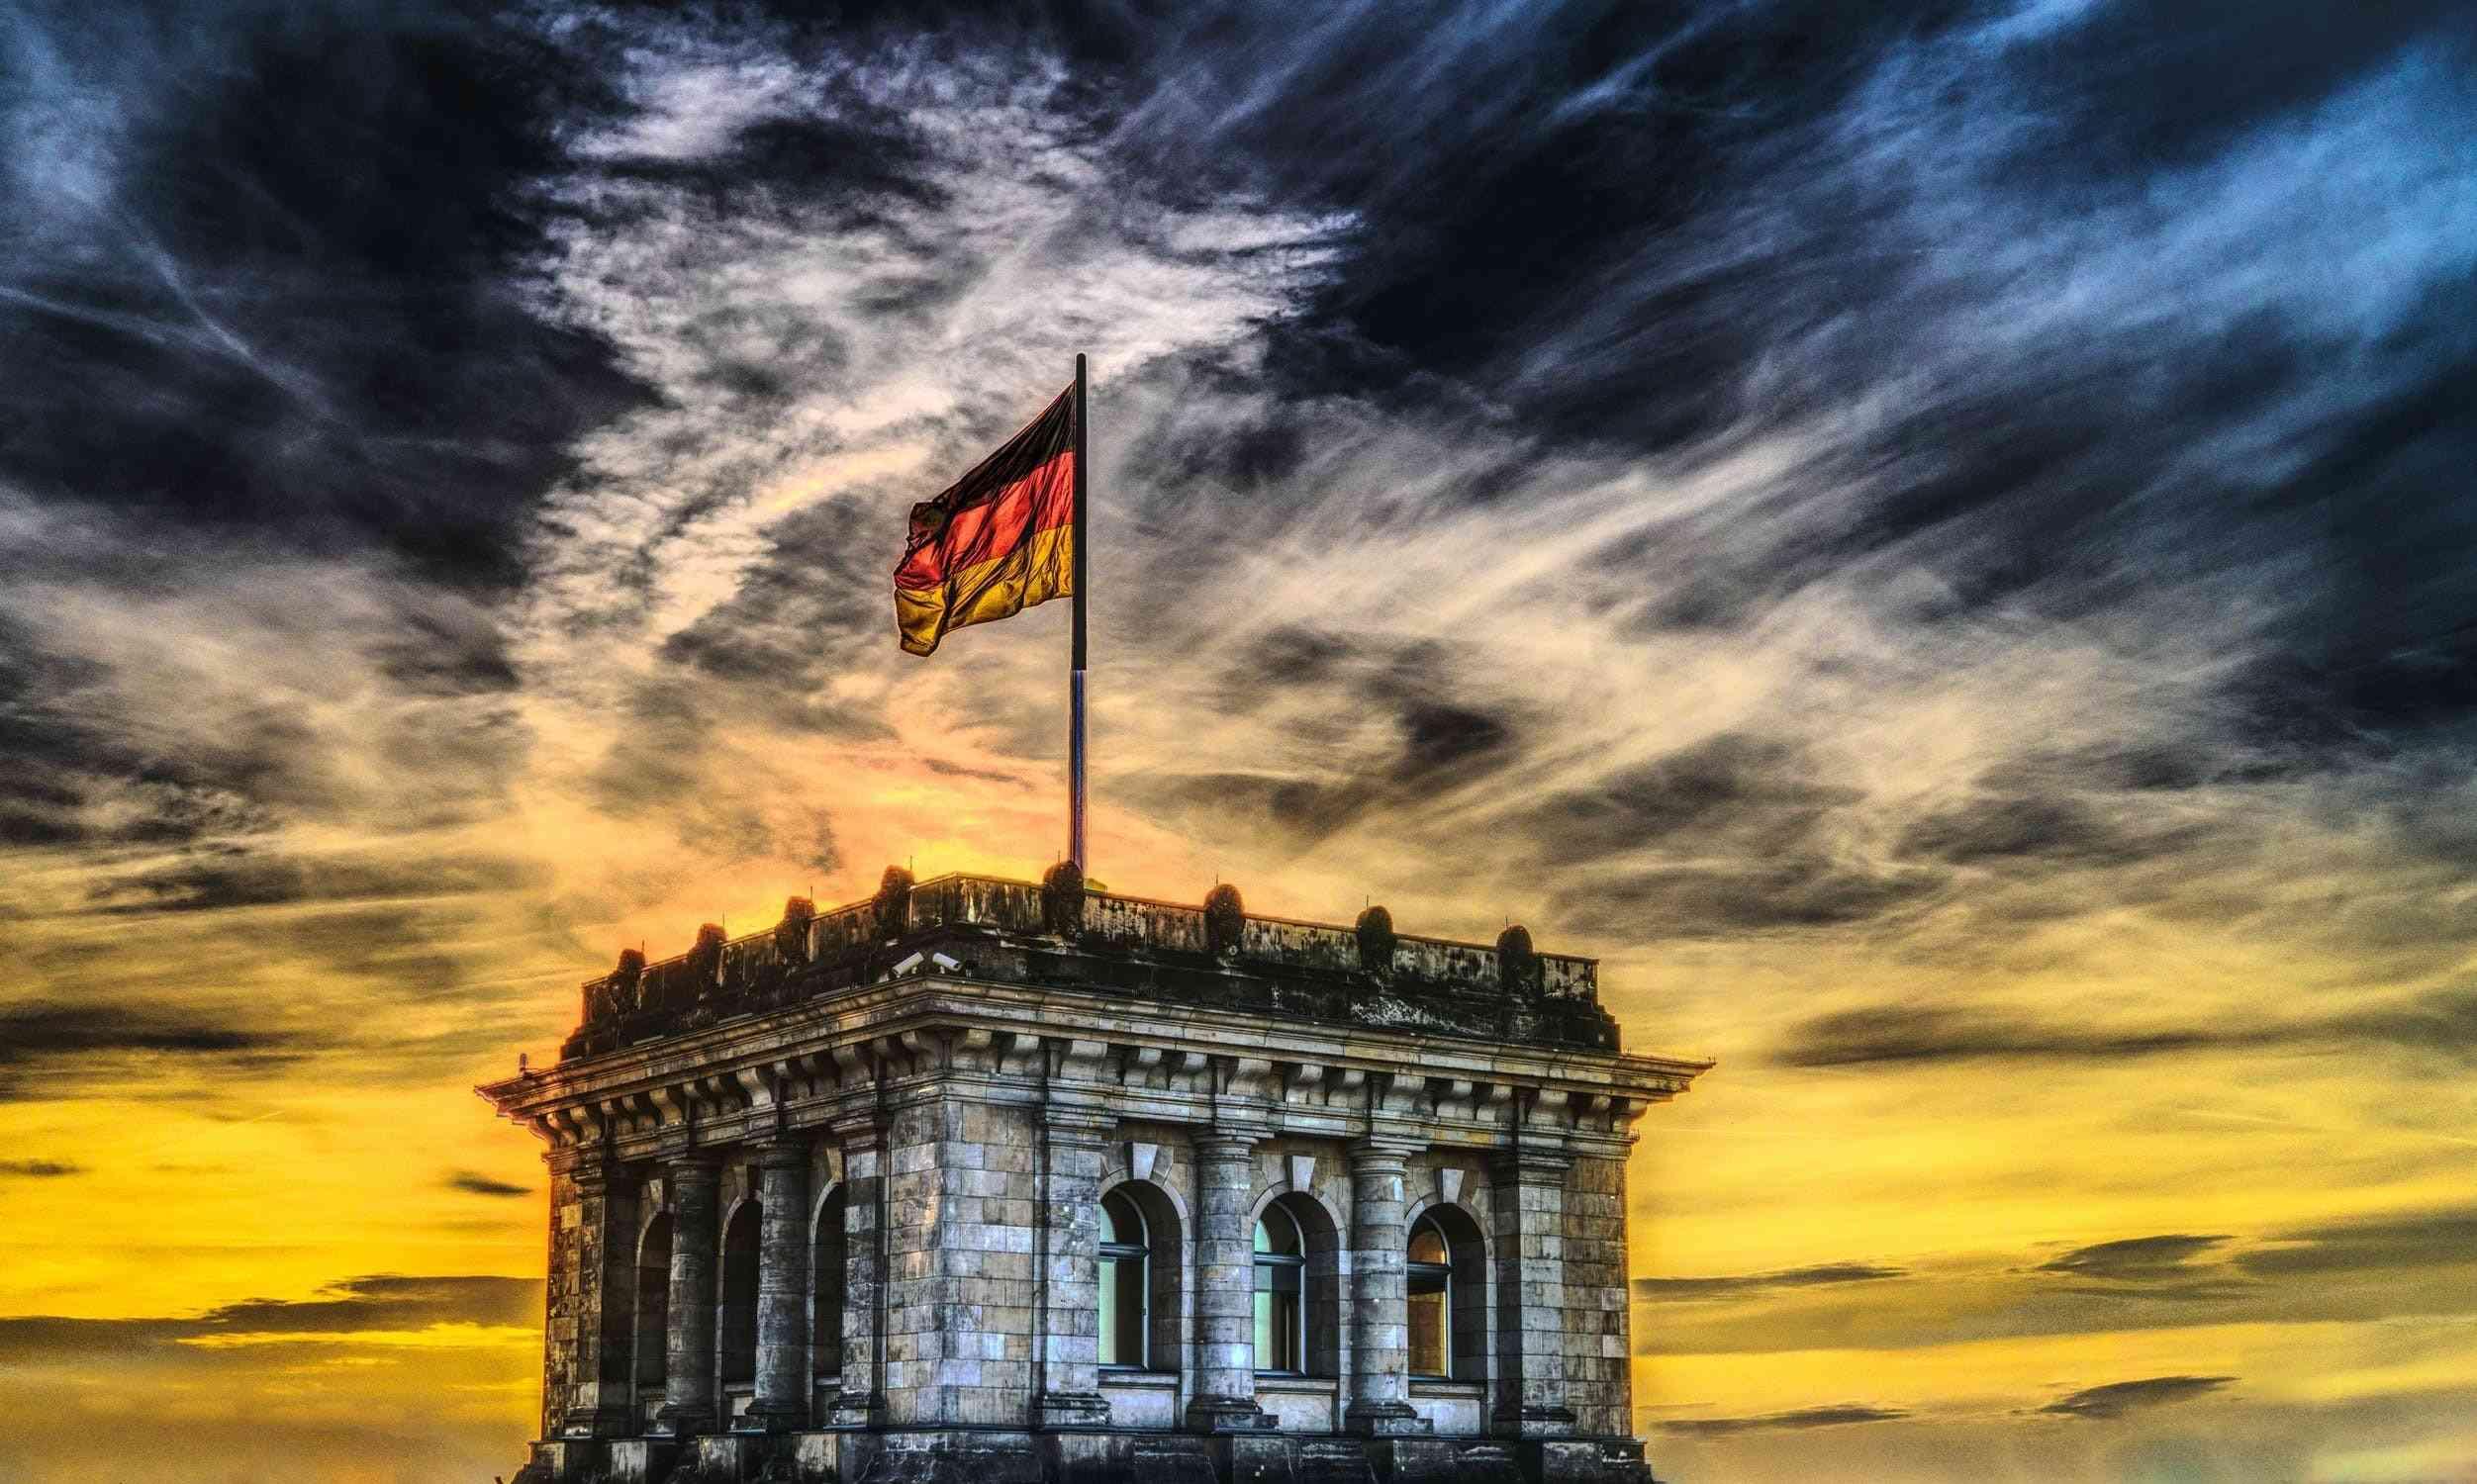 Tłumacz polsko-niemiecki w kontekście usług tłumaczeniowych